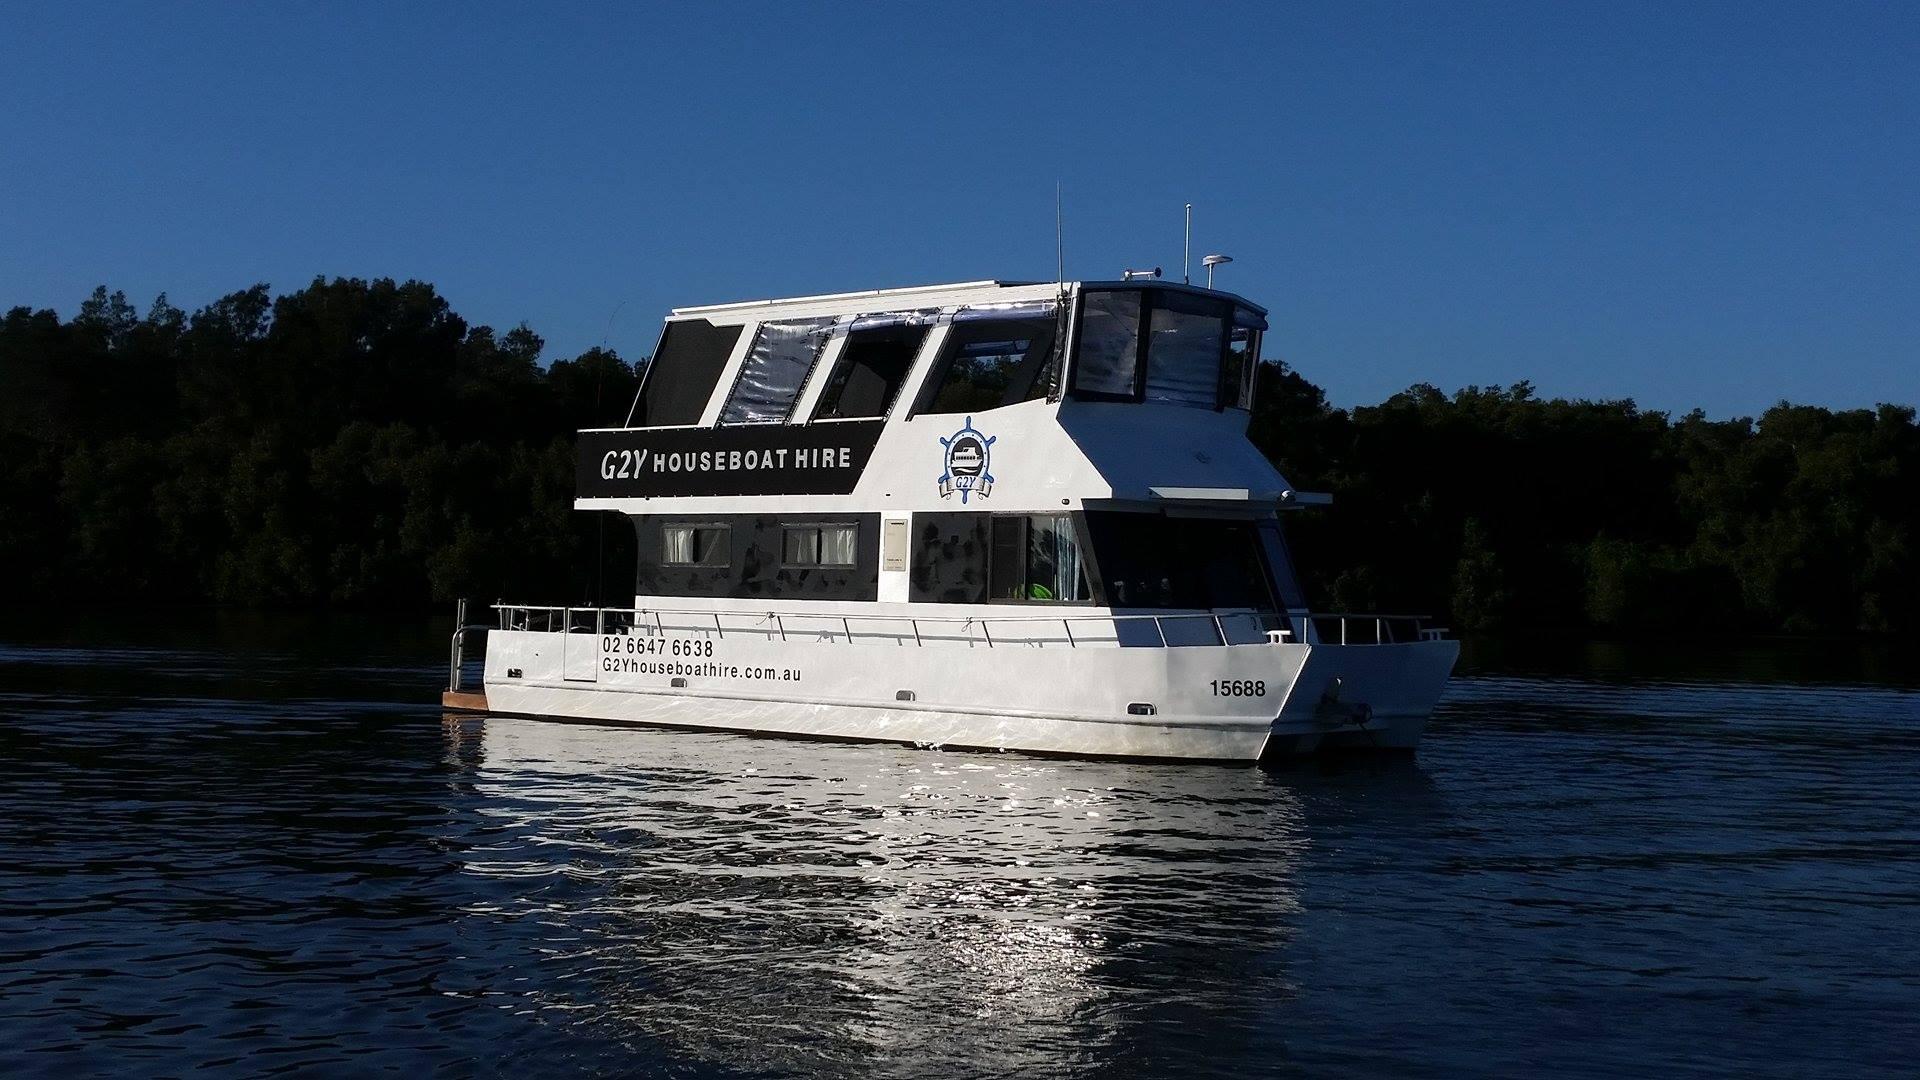 Idyll Daze-G2Y houseboats